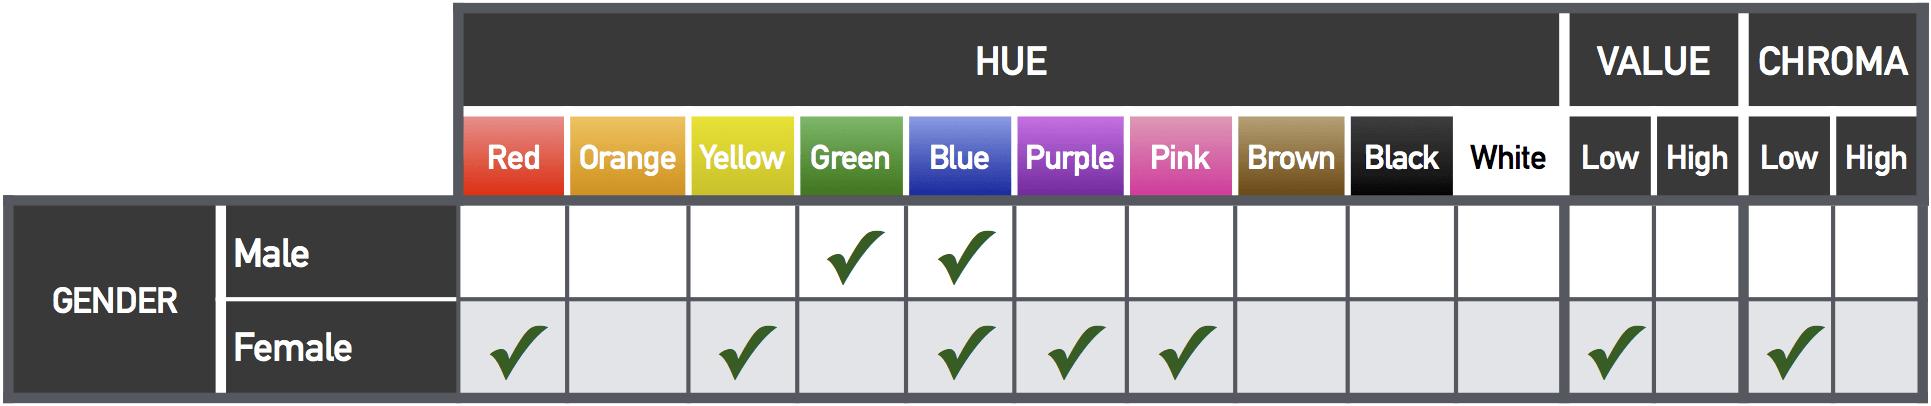 color-gender-table